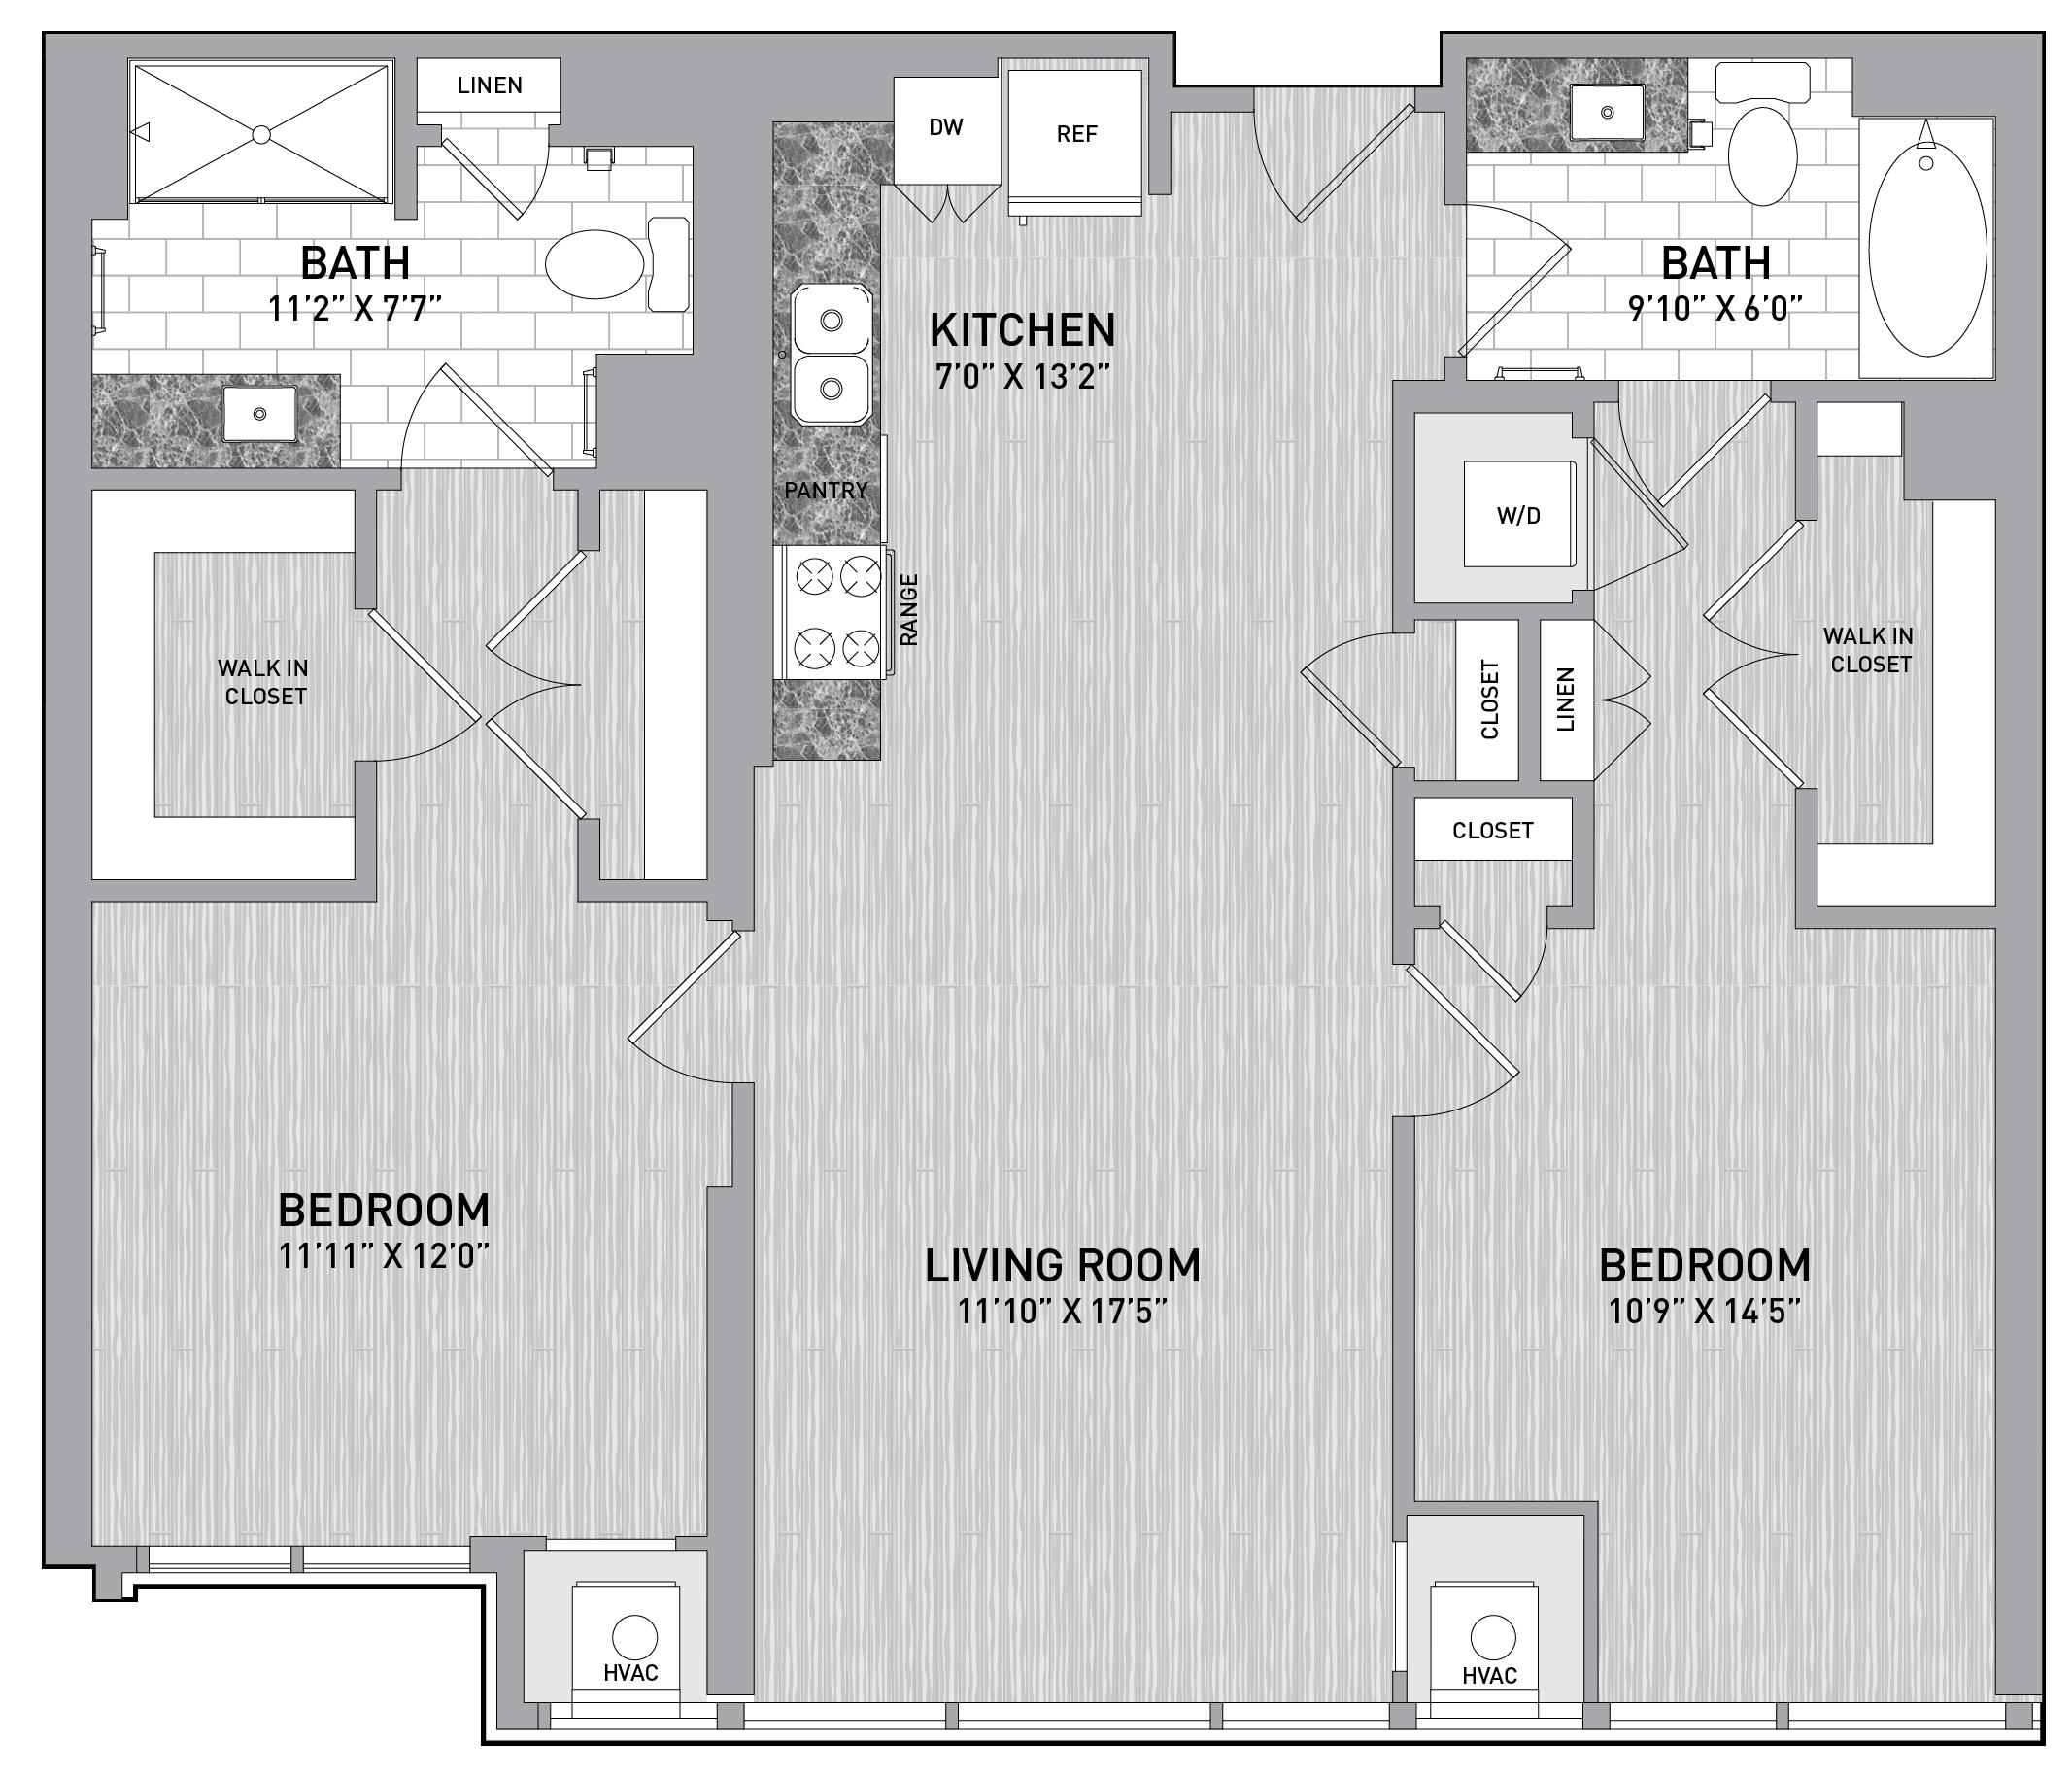 floorplan image of unit id 0818